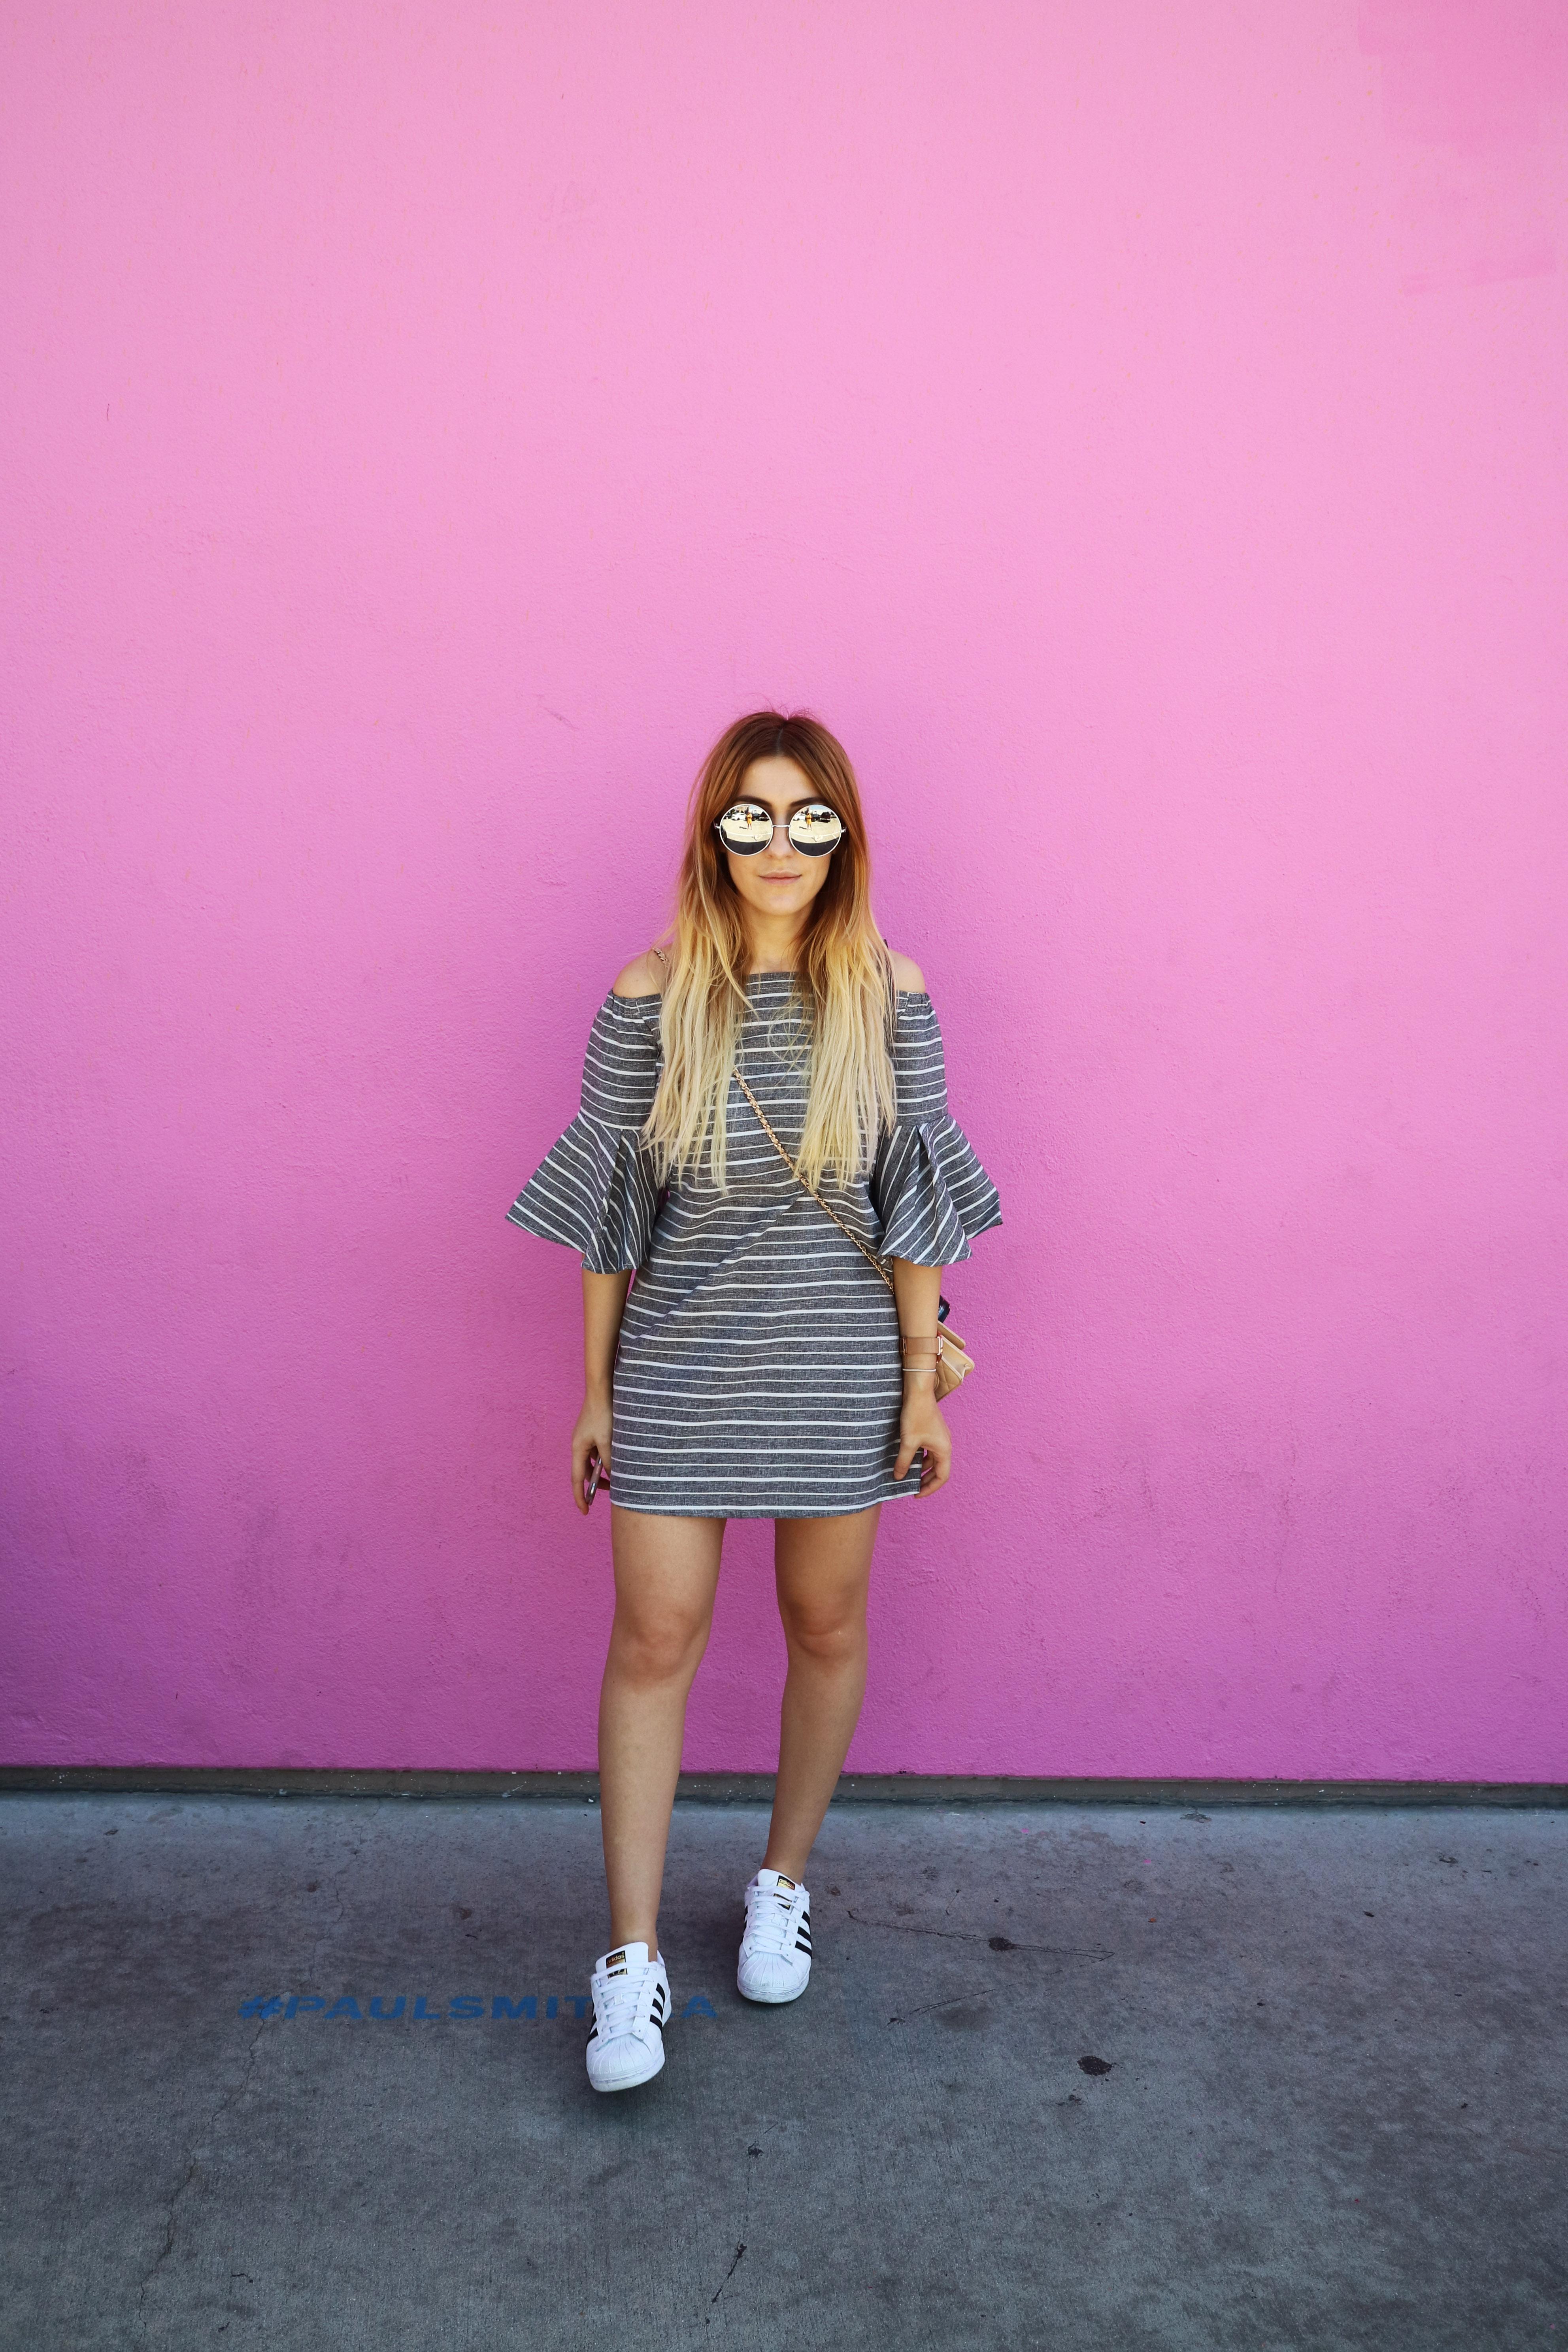 tania-instagram-3